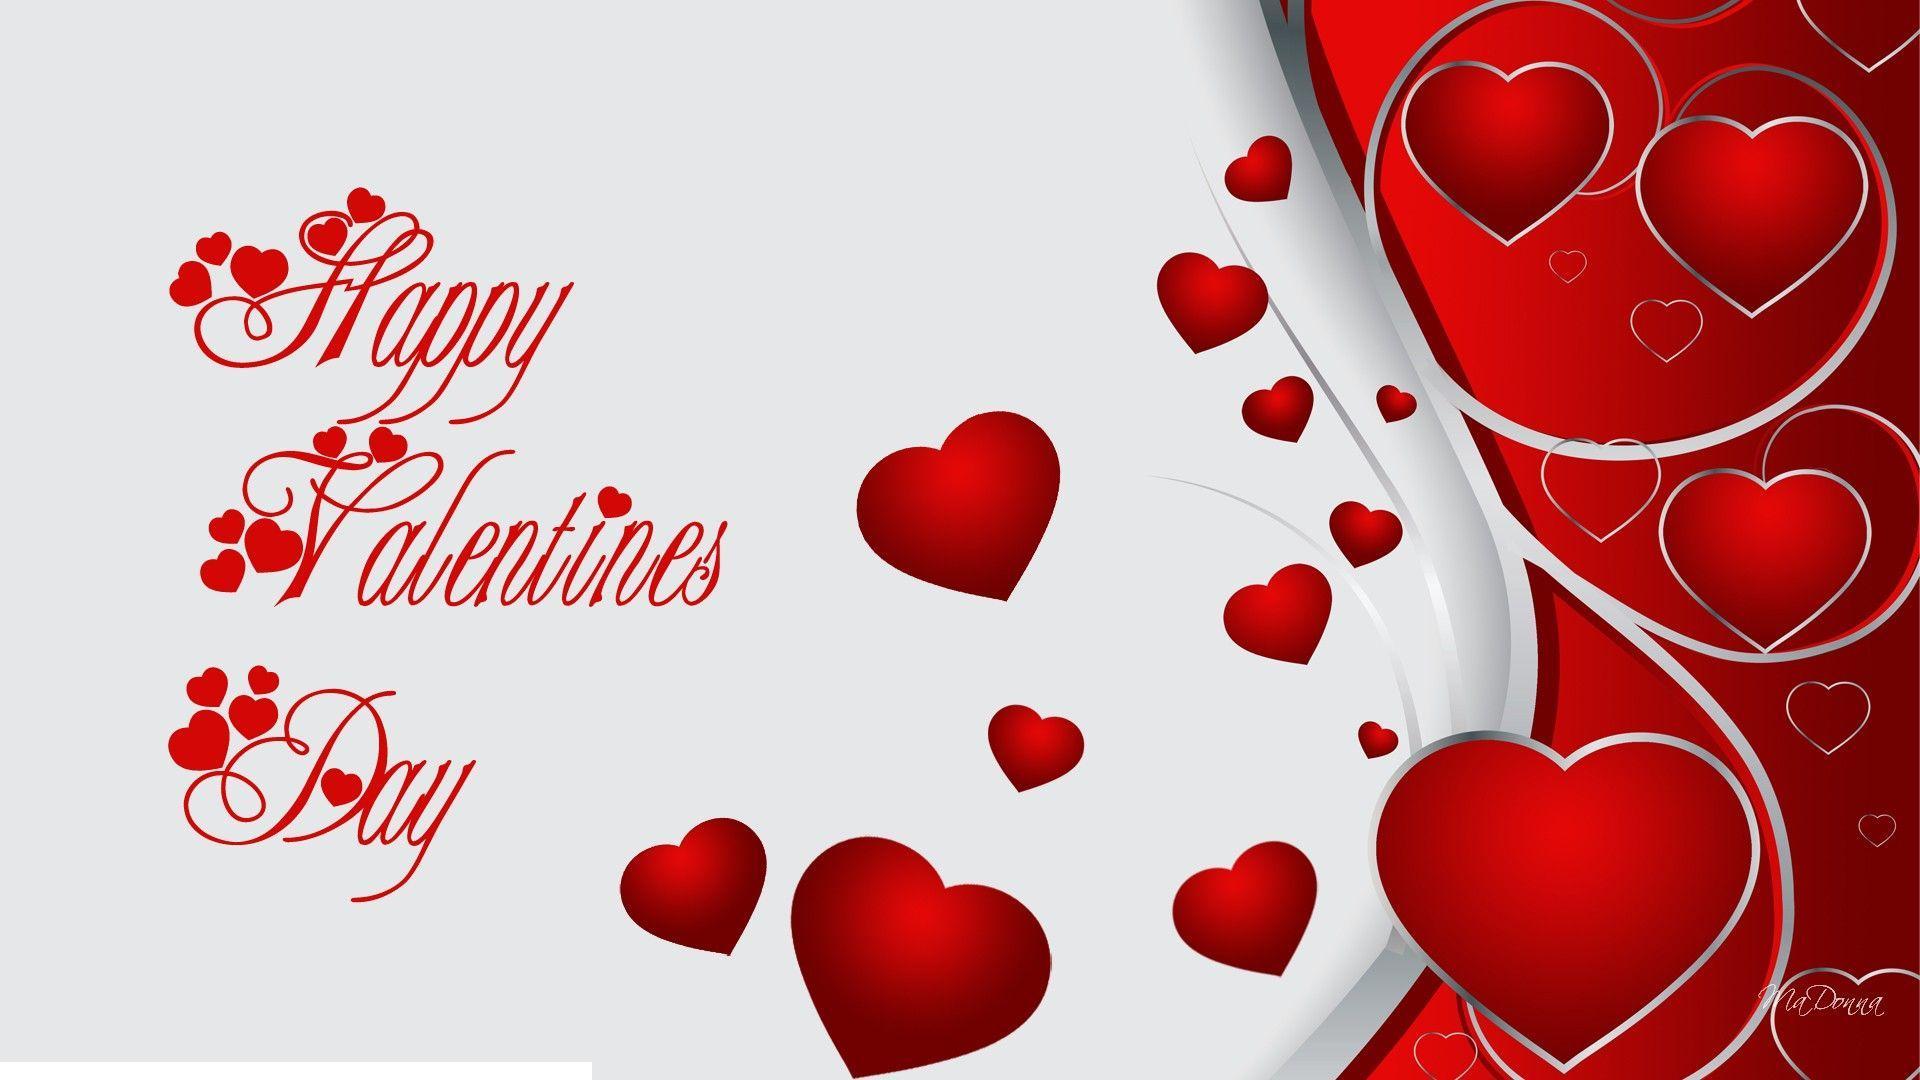 1920x1080 happy valentine wallpaper 5332214 valentines wallpaper